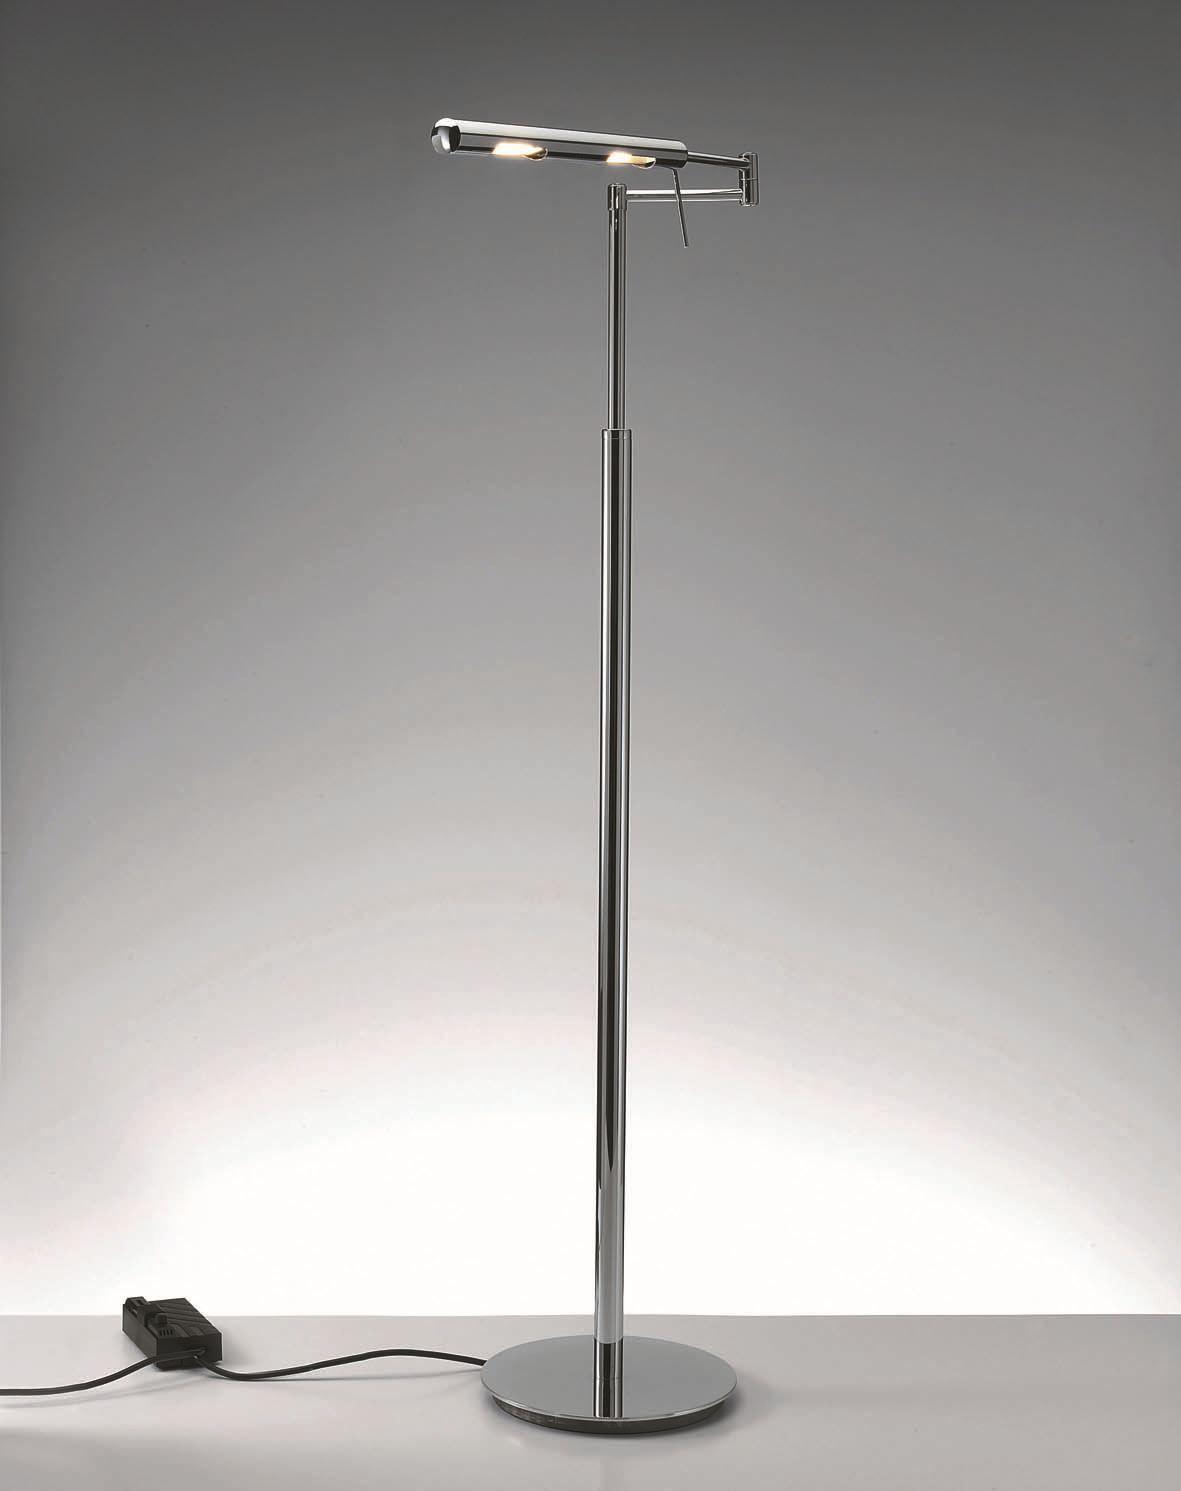 Lampada da terra ad altezza regolabile con dimmer dim l by for Altezza finestre da terra